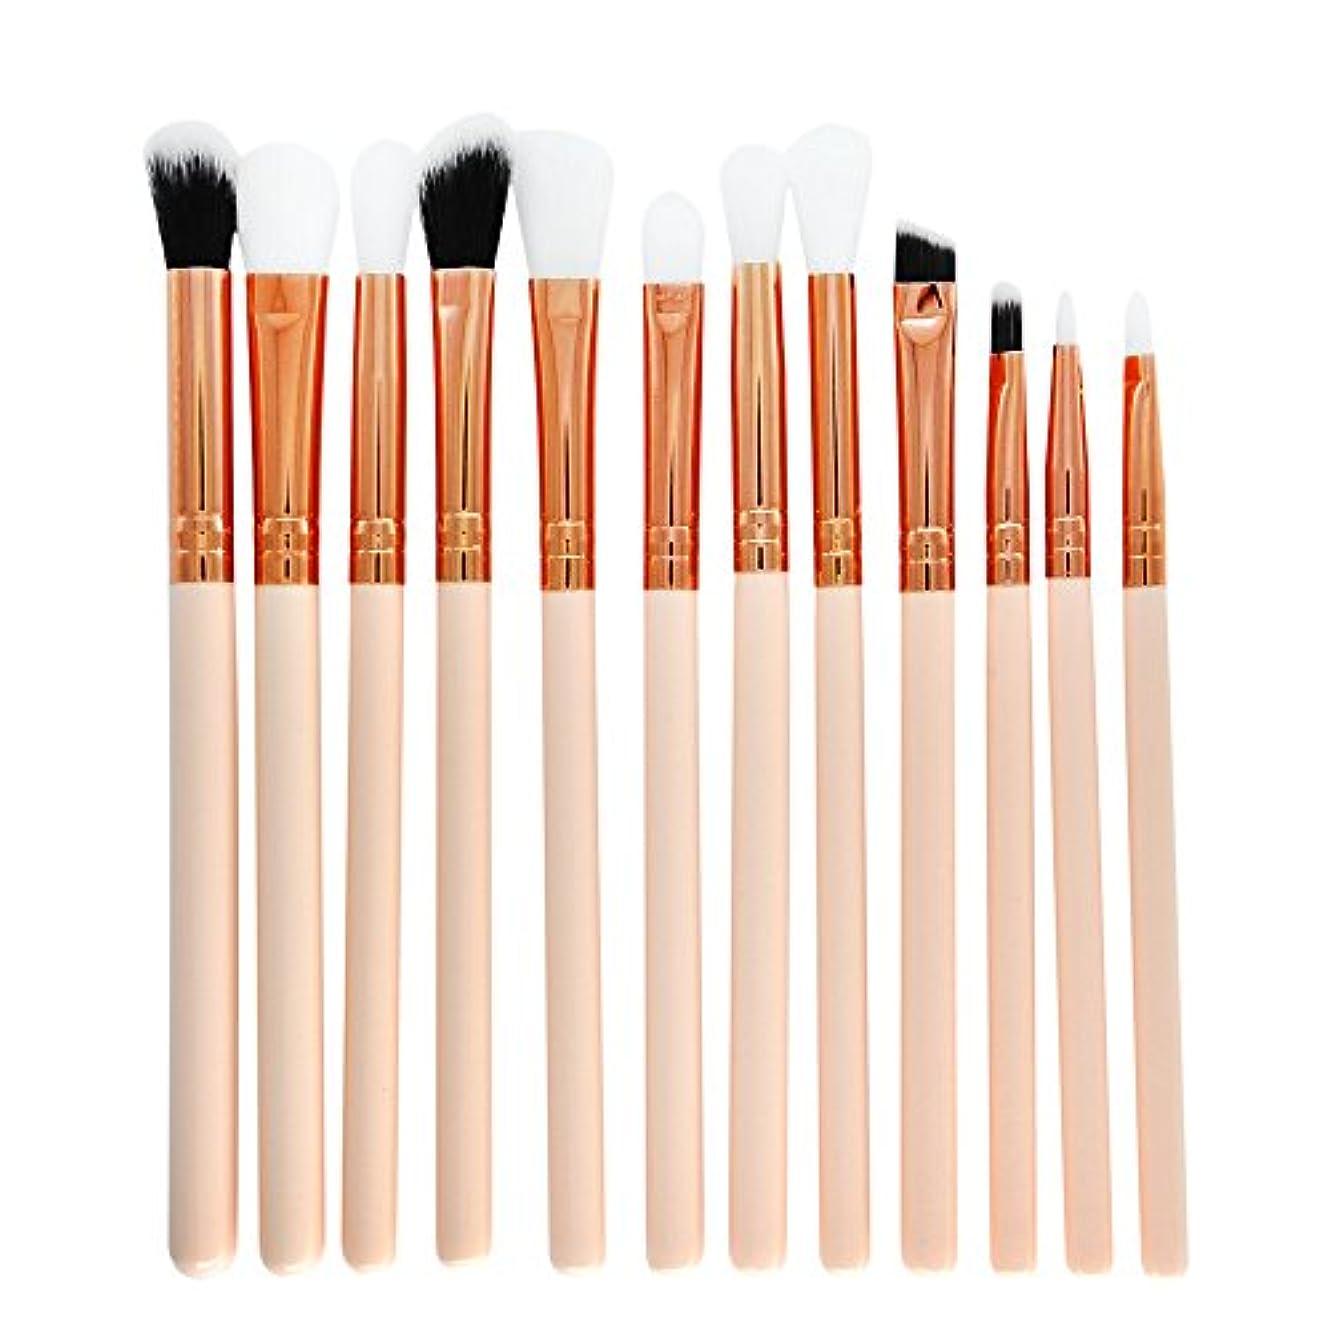 機転湿原たくさん12 本セット化粧筆   メイクアップブラシセット アイシャドウメイクブラシ  コスメチック化粧ブラシキットビューティーツール (ホワイト)